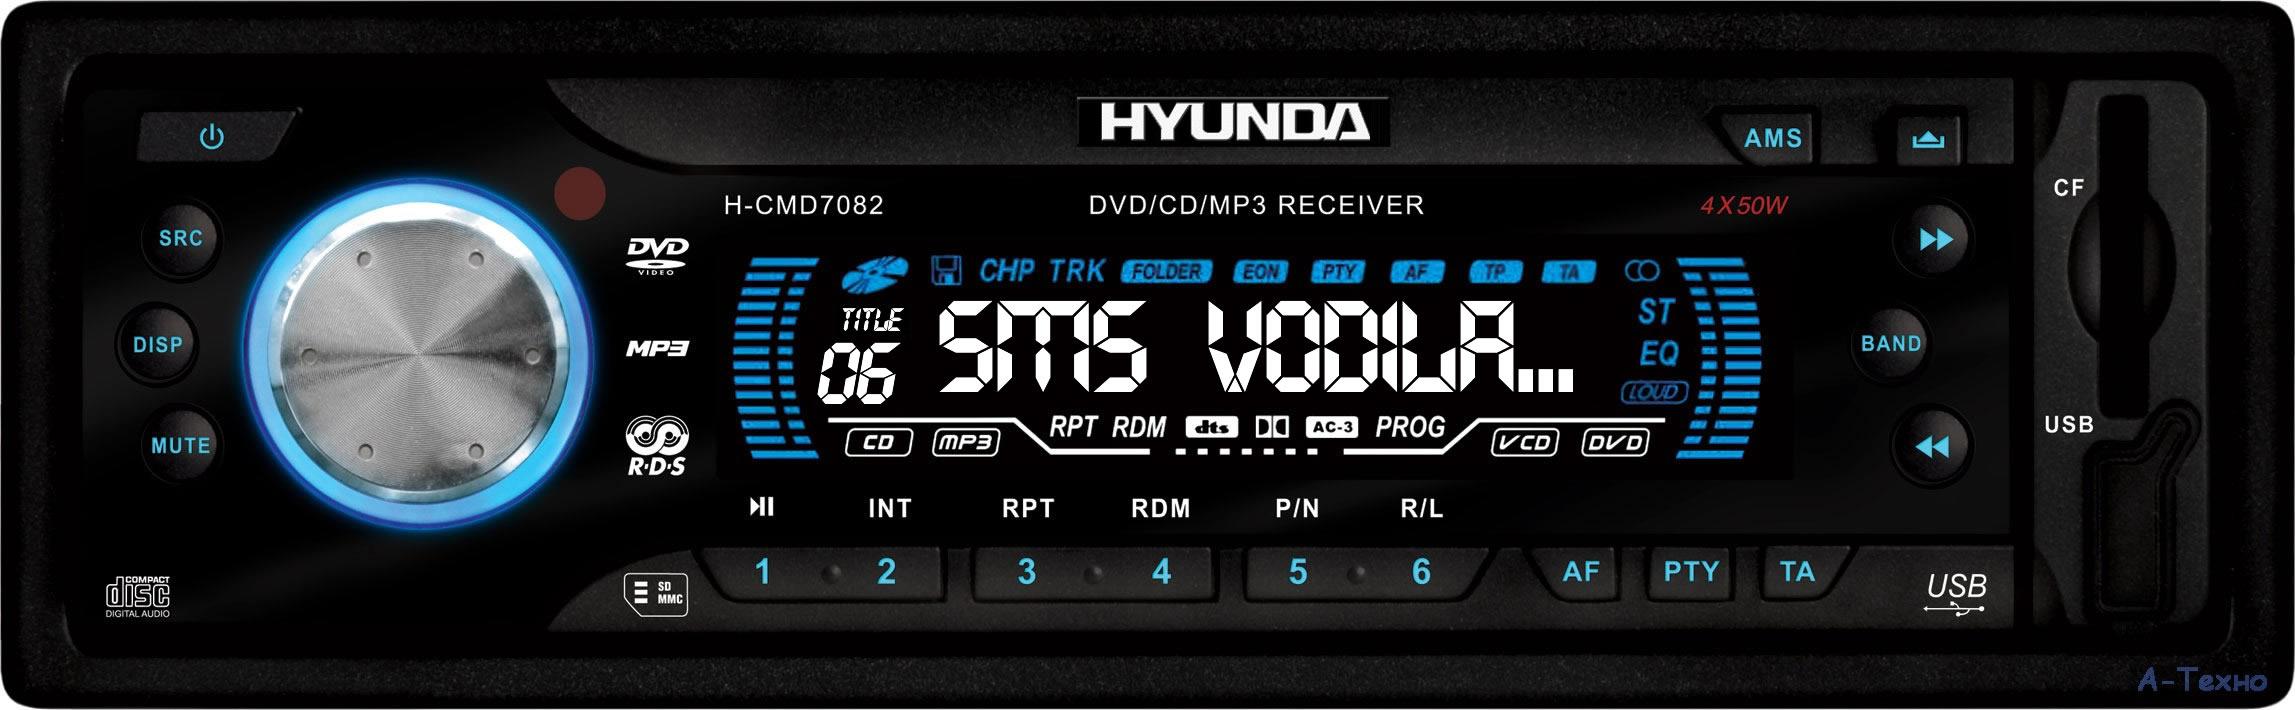 Автомагнитола Hyundai H-CMD7082 - много предложений.  Покупайте с удовольствием, доставляем :) Викимарт, +7 (495)...